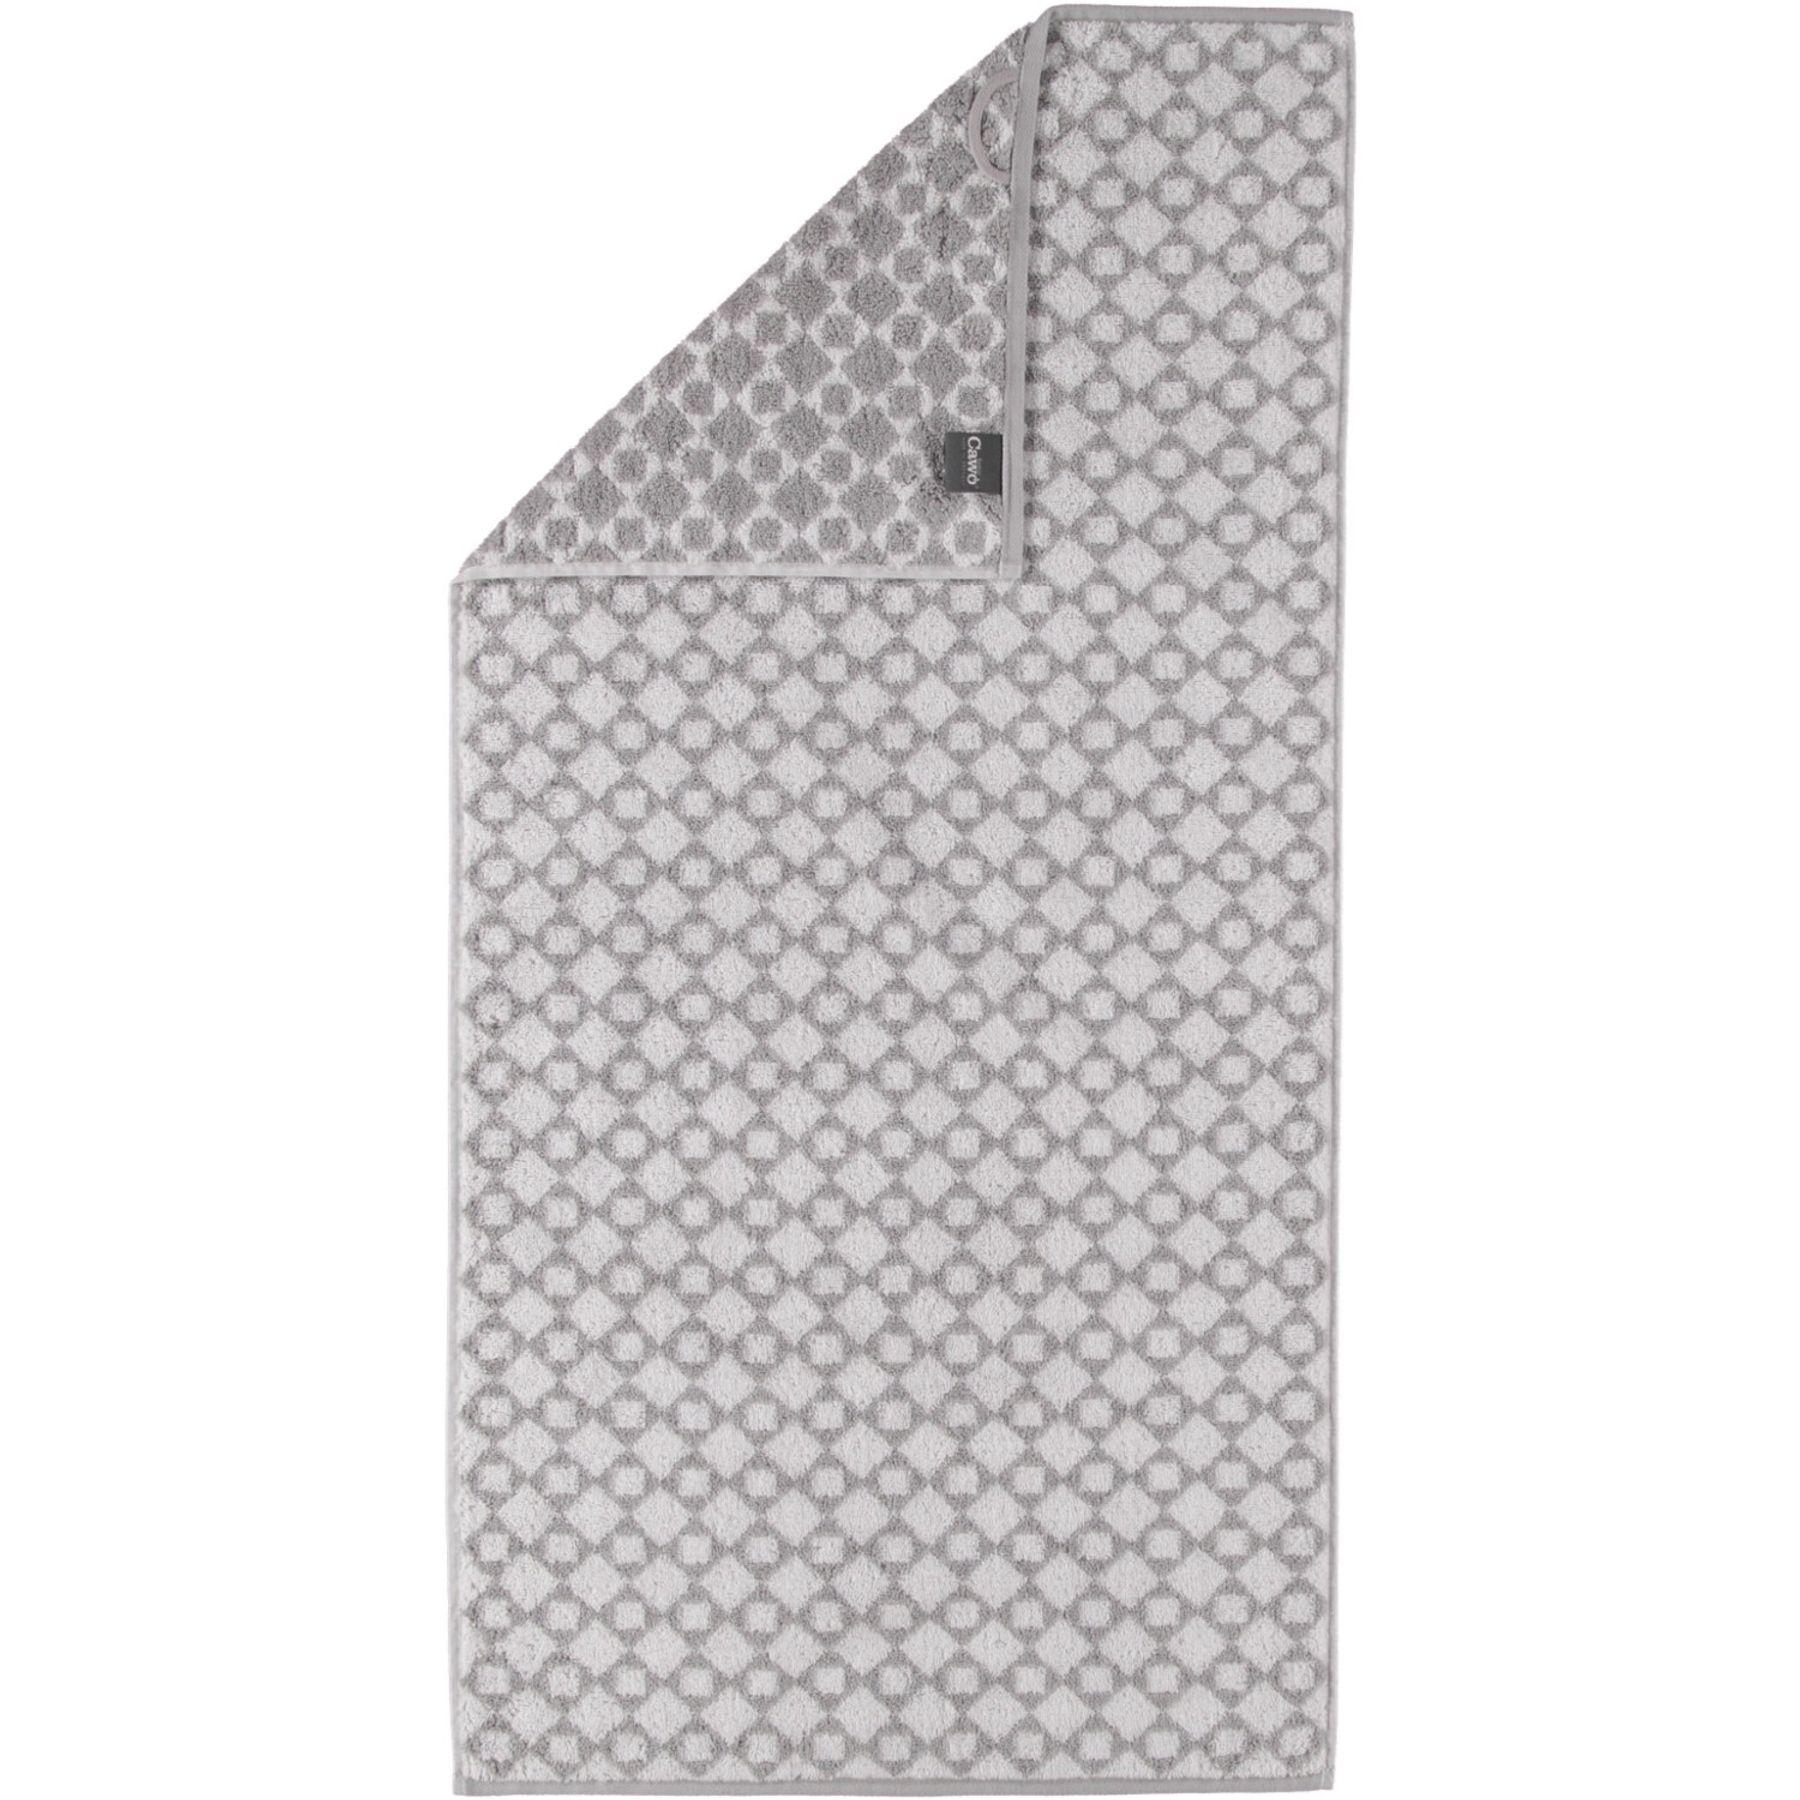 Cawö - Frottier Handtuch / Gästetuch mit Diamant Muster in verschiedenen Farben und Größen (585) – Bild 1